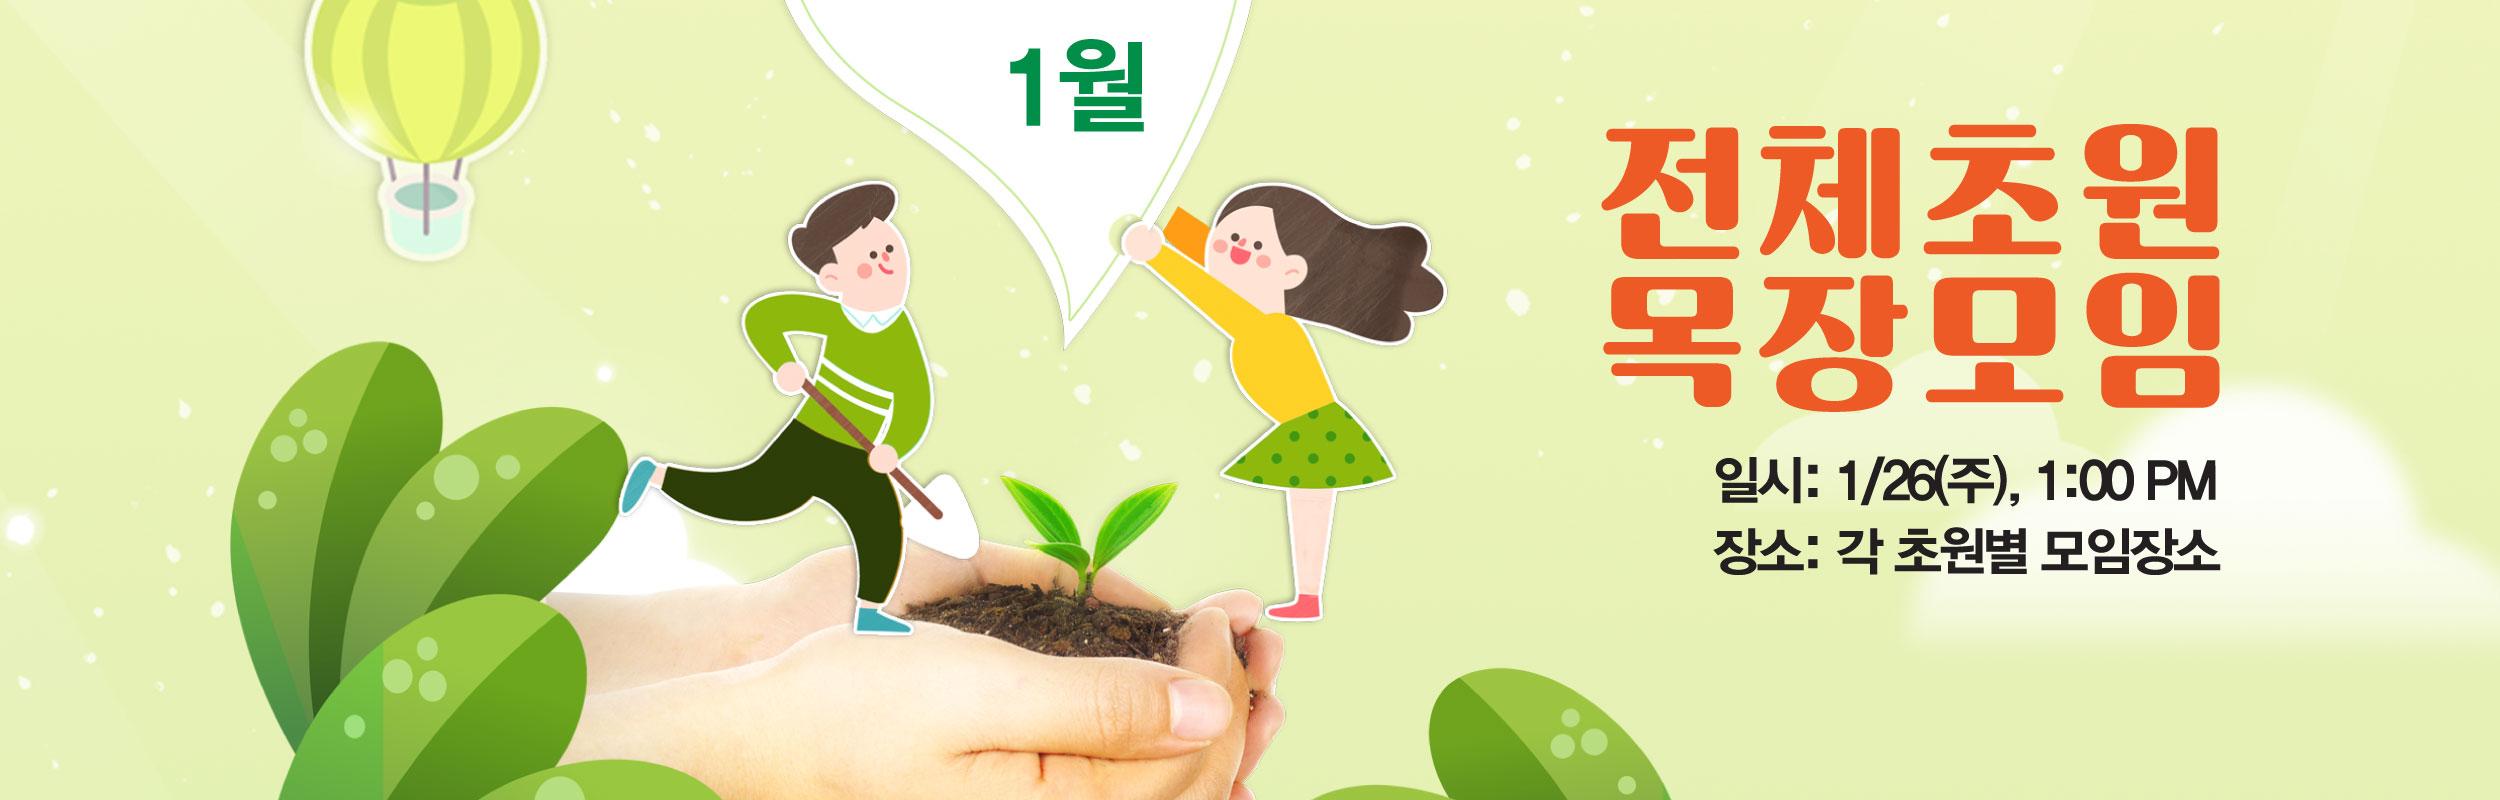 전체초원목장모임-1월